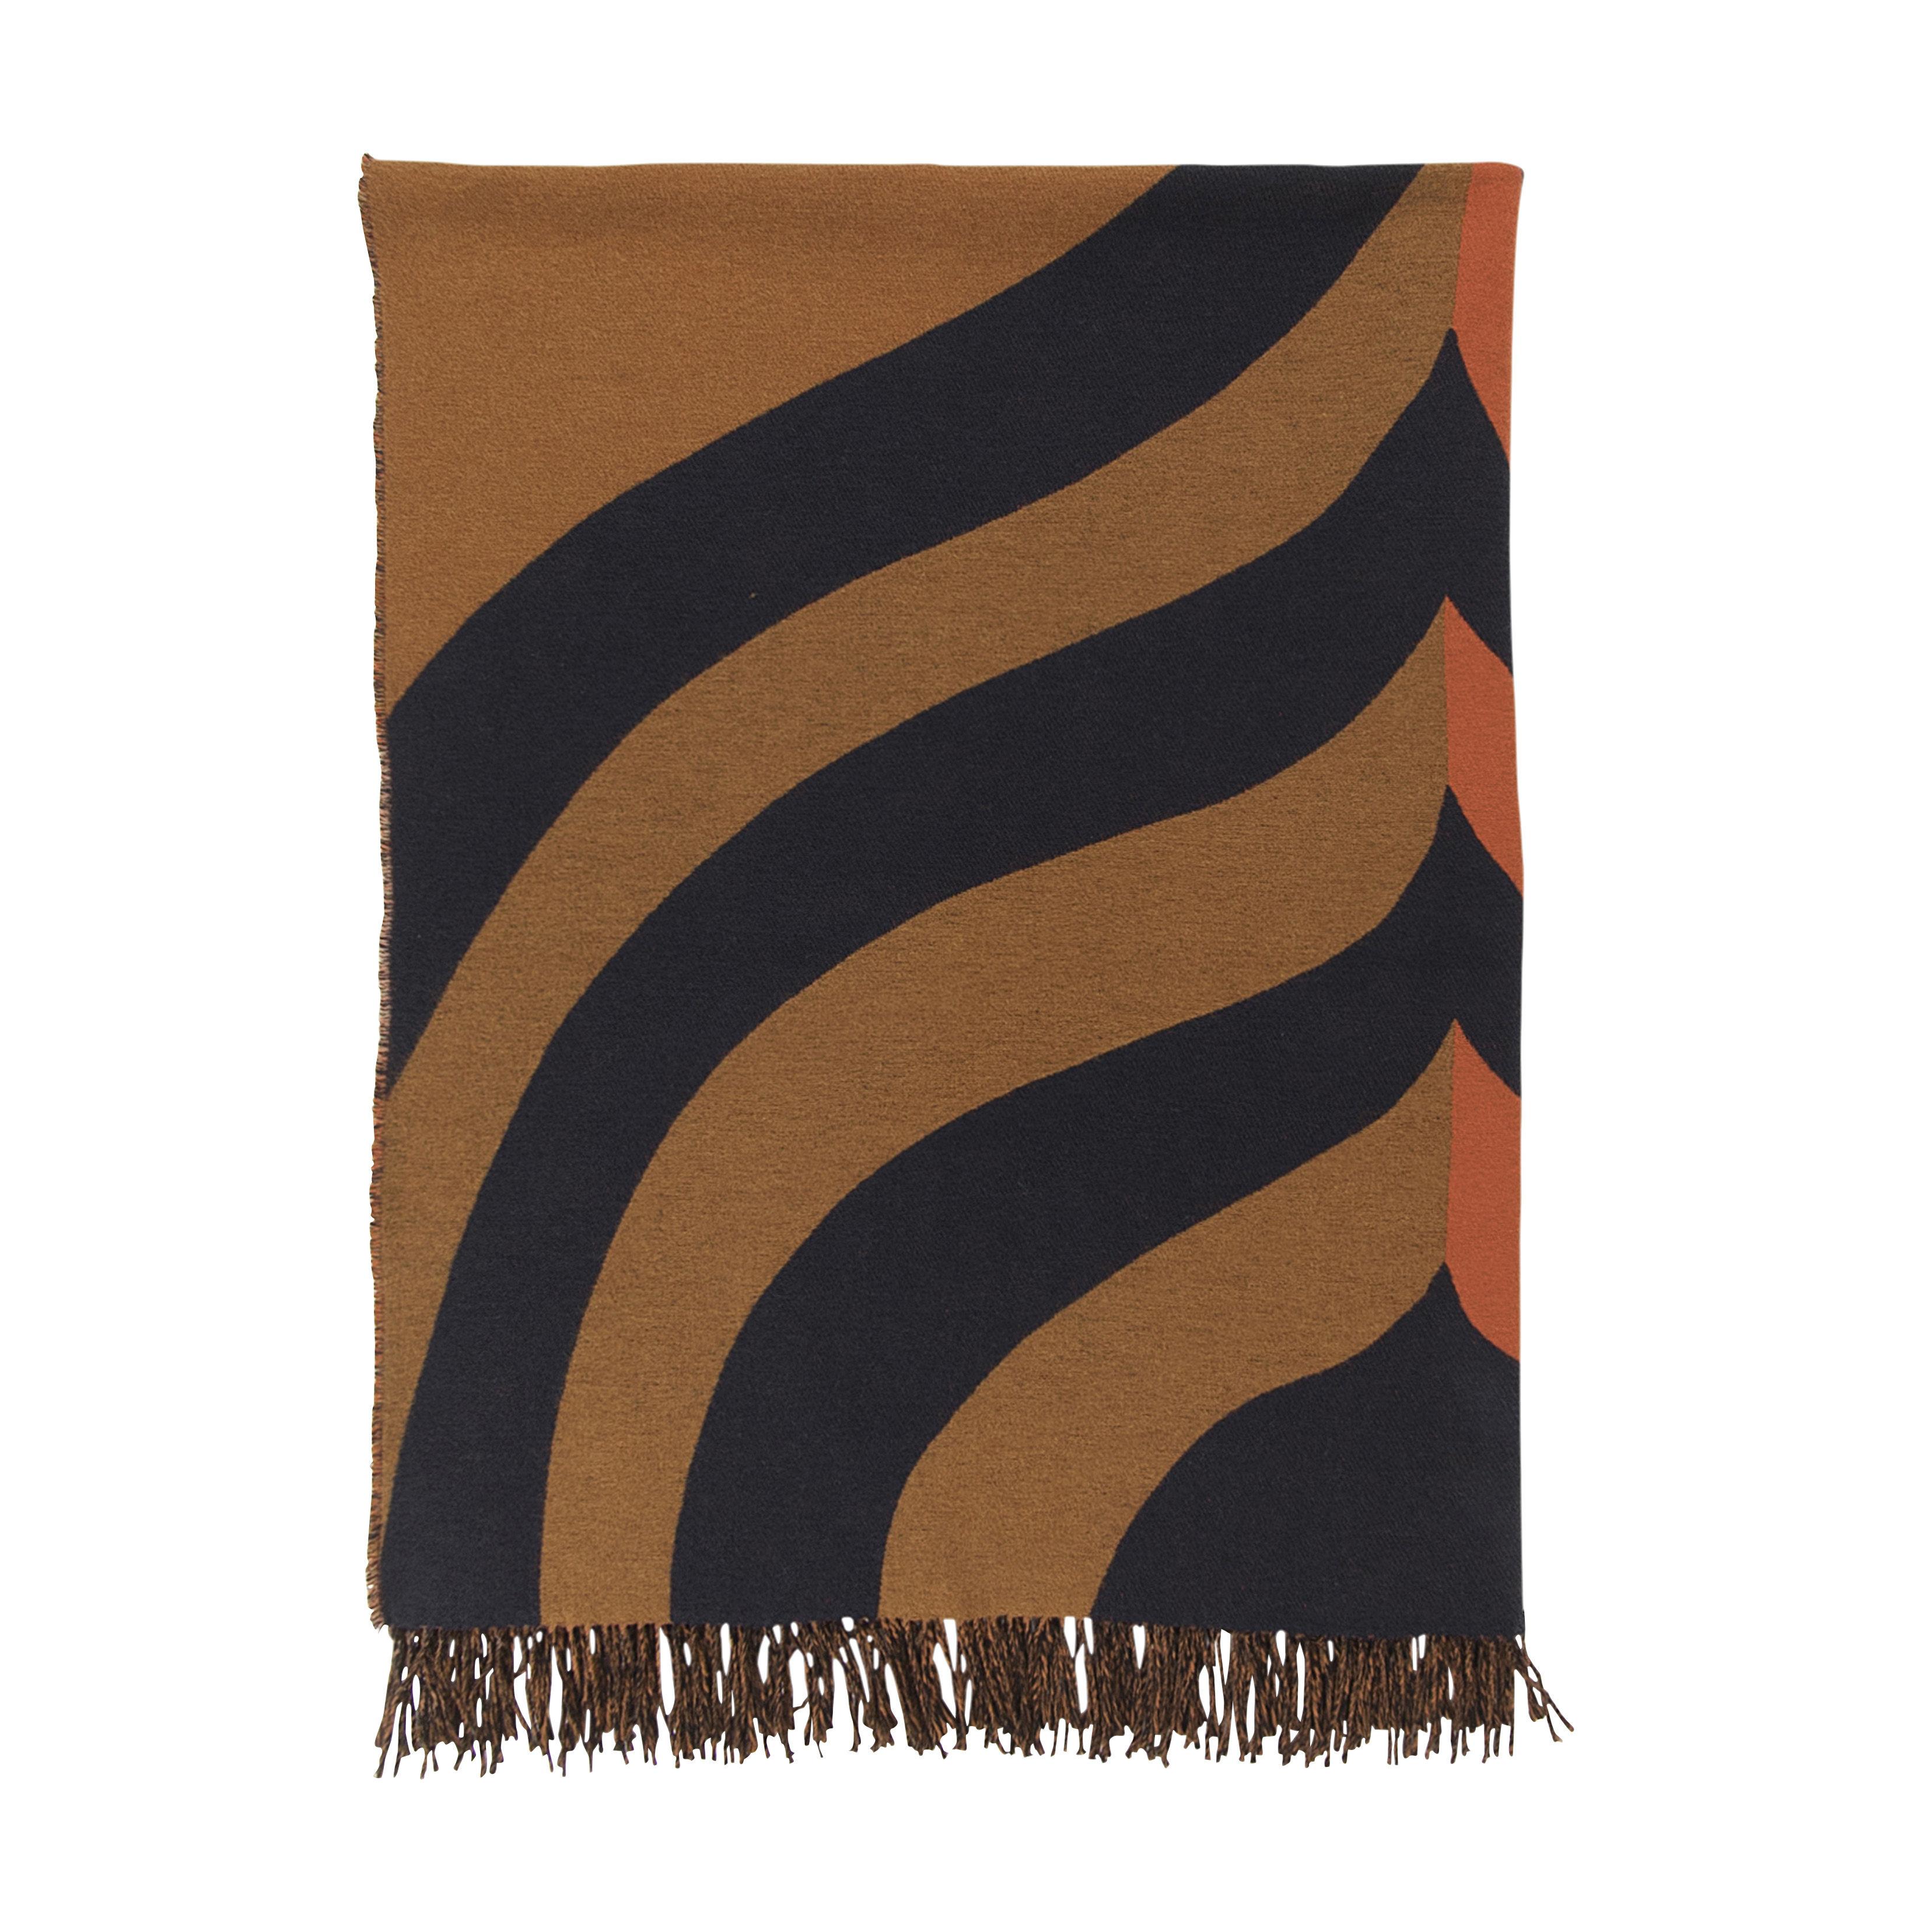 Interni - Tessili - Plaid Keisarinkruunu - / 130 x 170 cm di Marimekko - Keisarinkruunu / marrone & arancione - Cotone, Lana, Poliammide